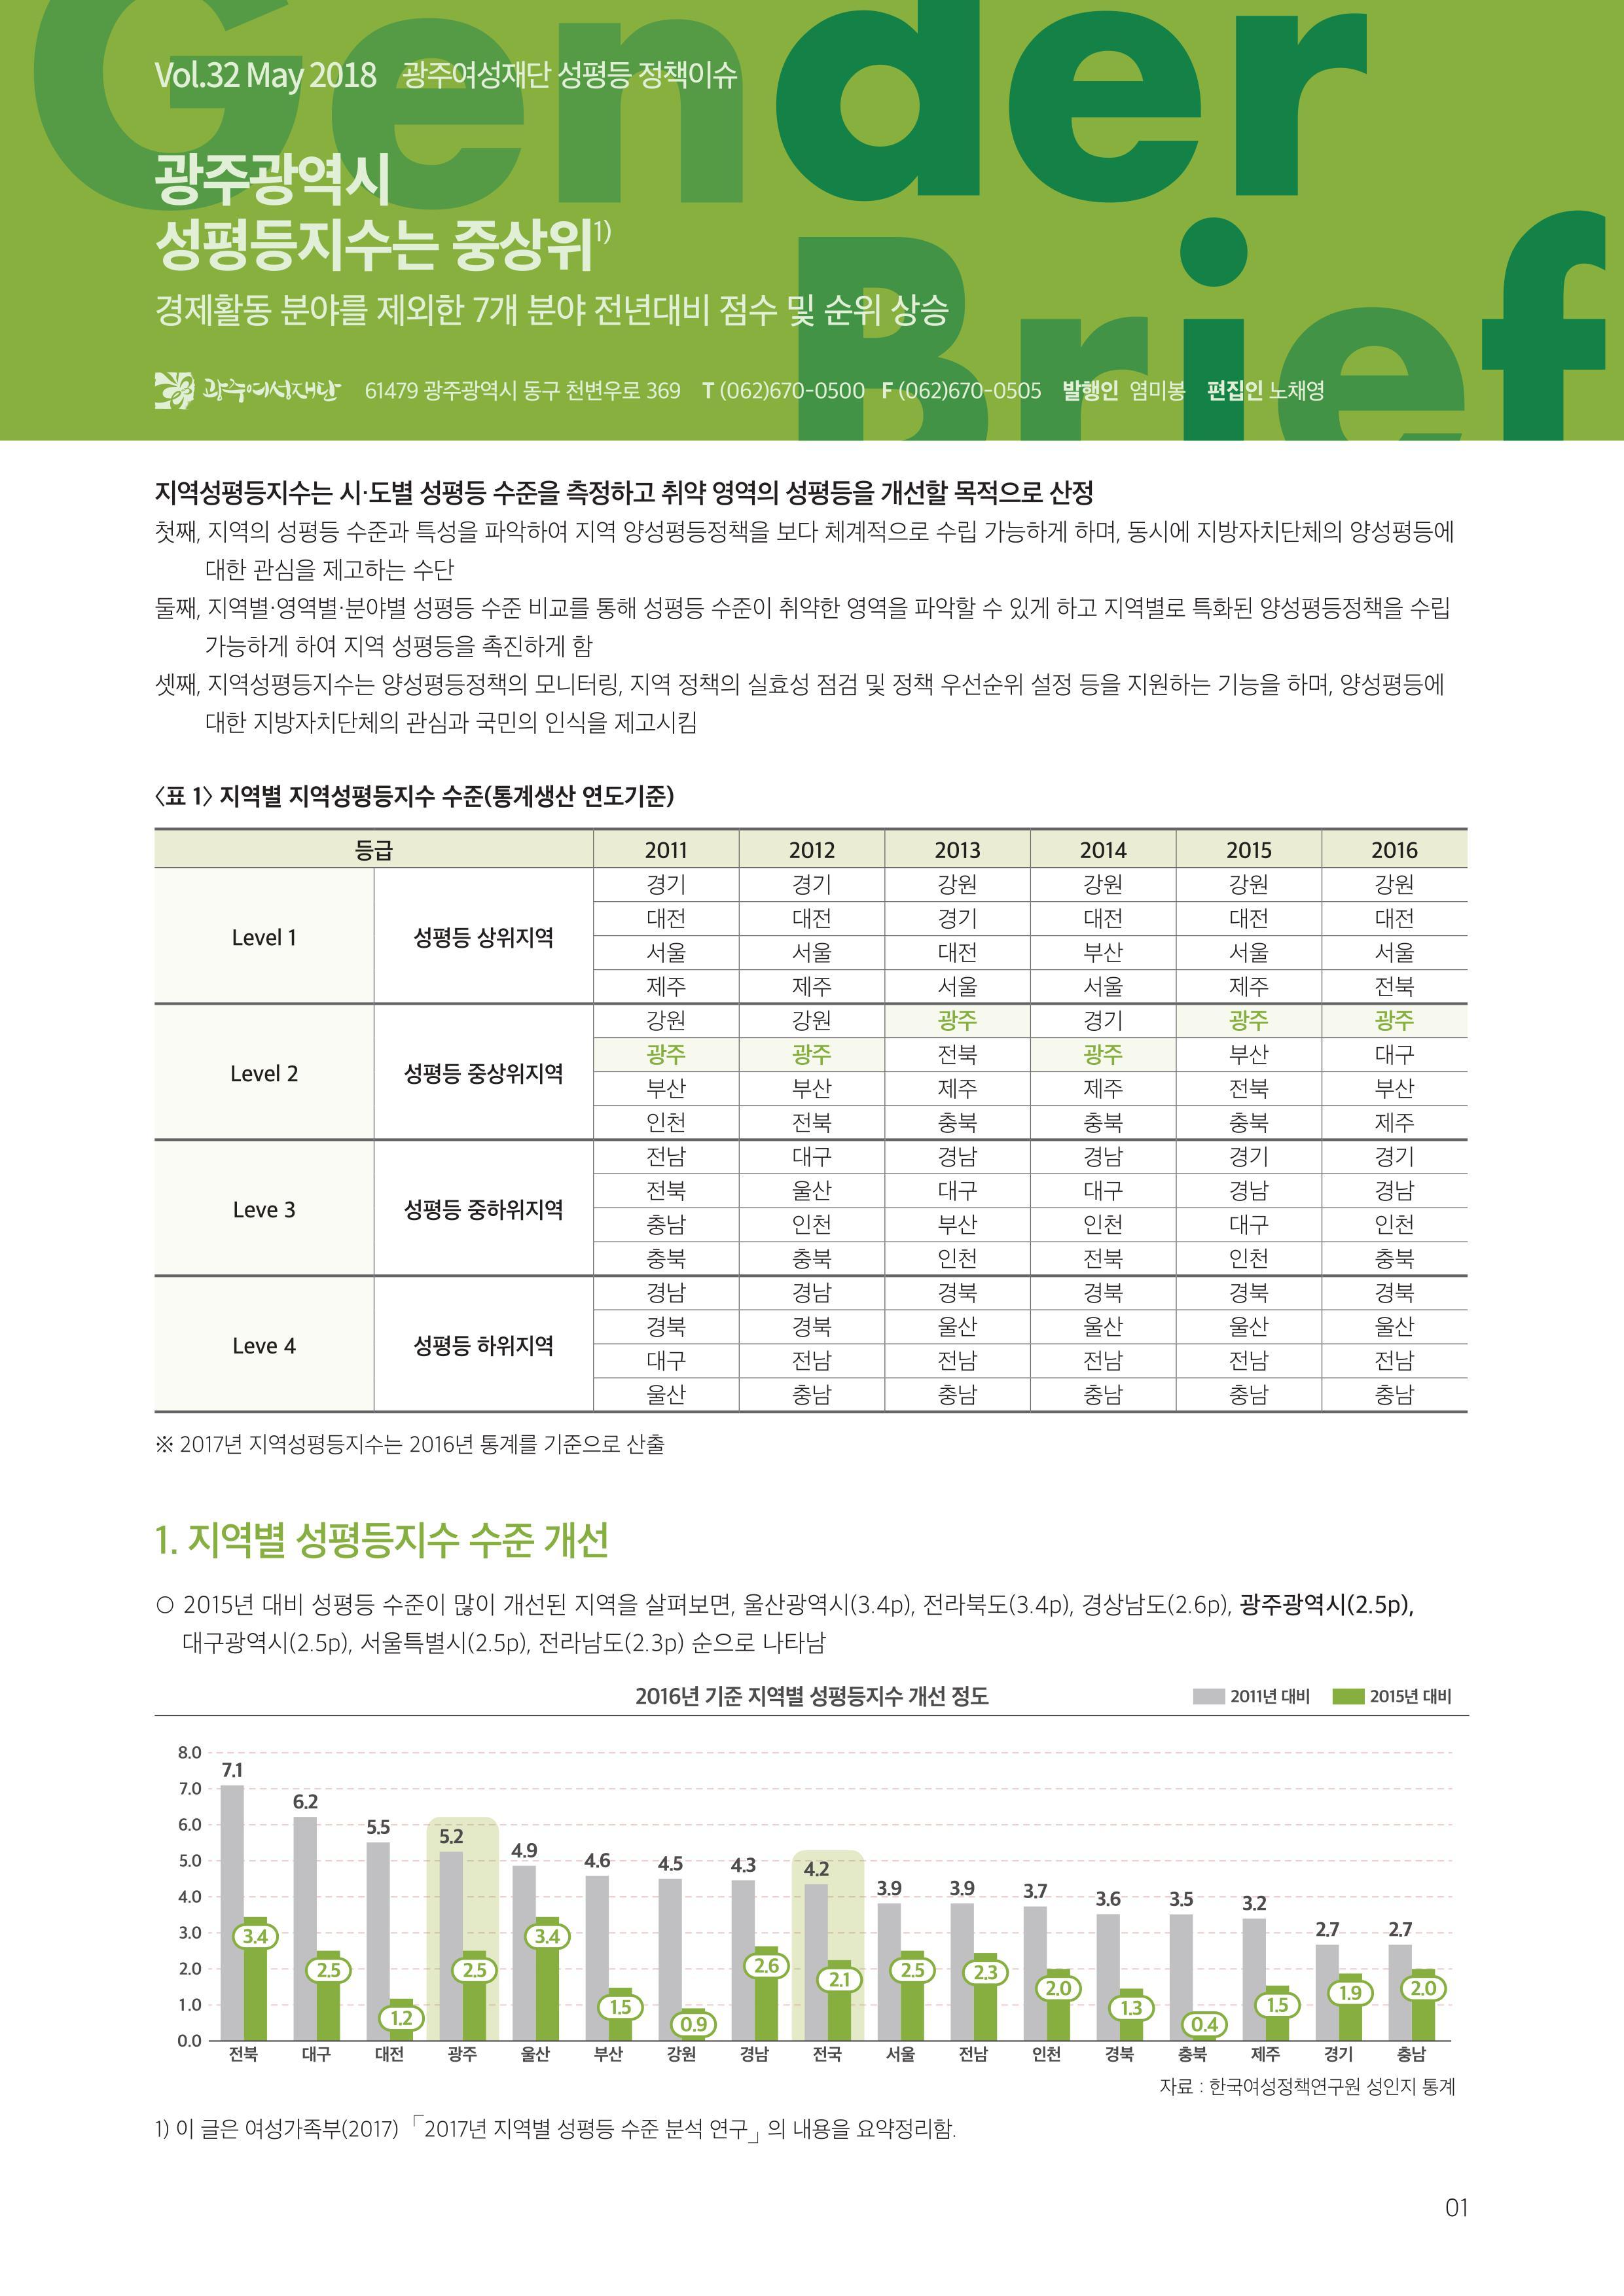 젠더브리프 제32호-광주광역시 성평등지수는 중상위